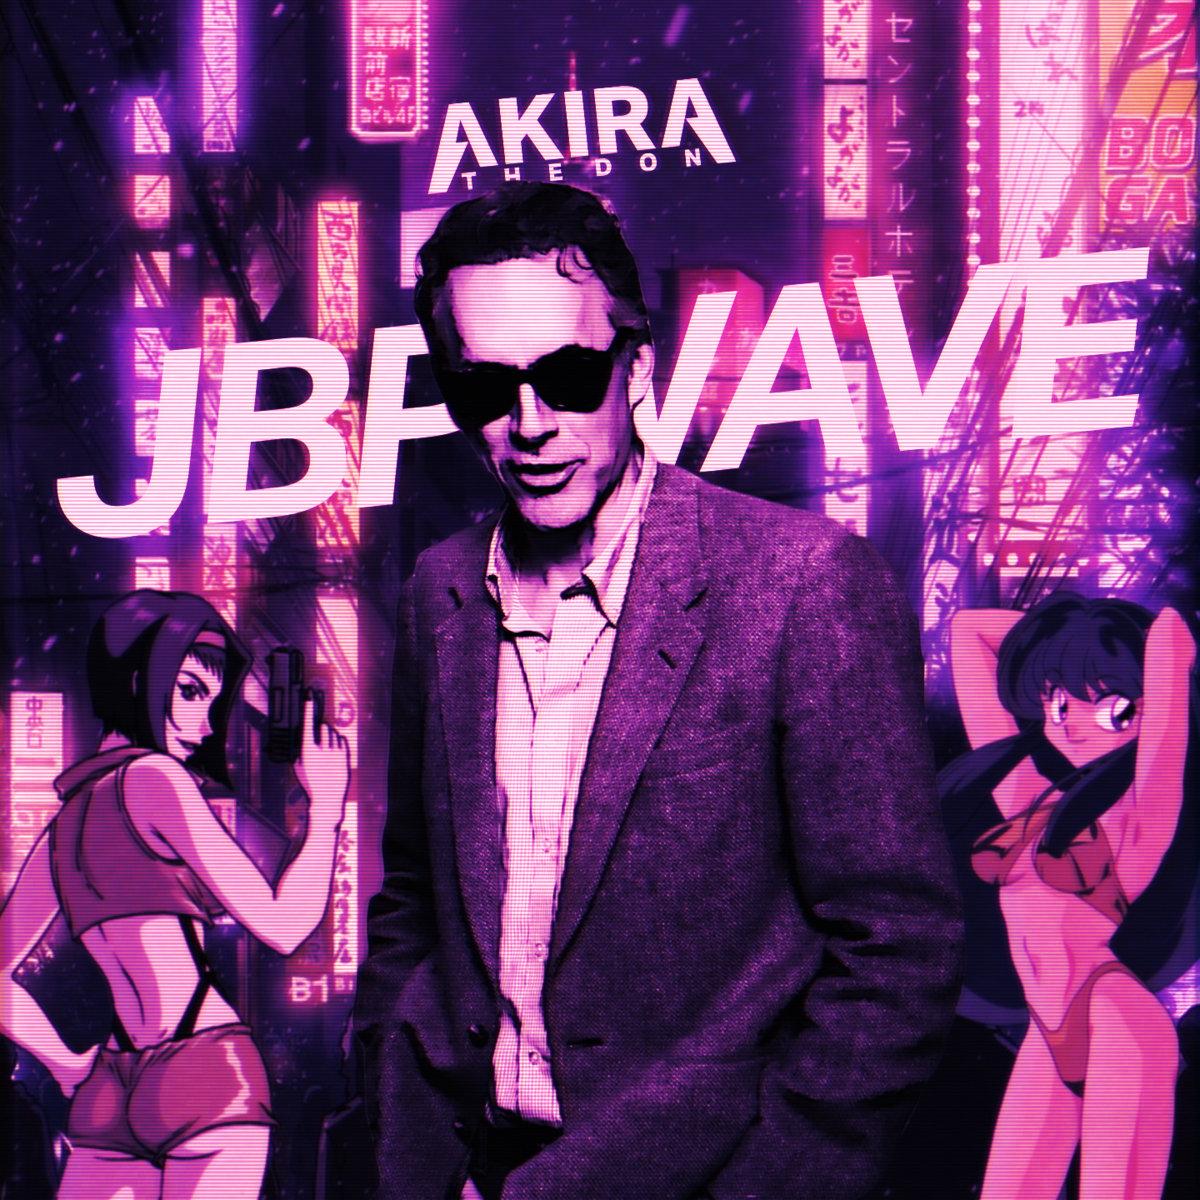 JBPWAVE: A Jordan Peterson Lofi Hip Hop Mix | Akira The Don